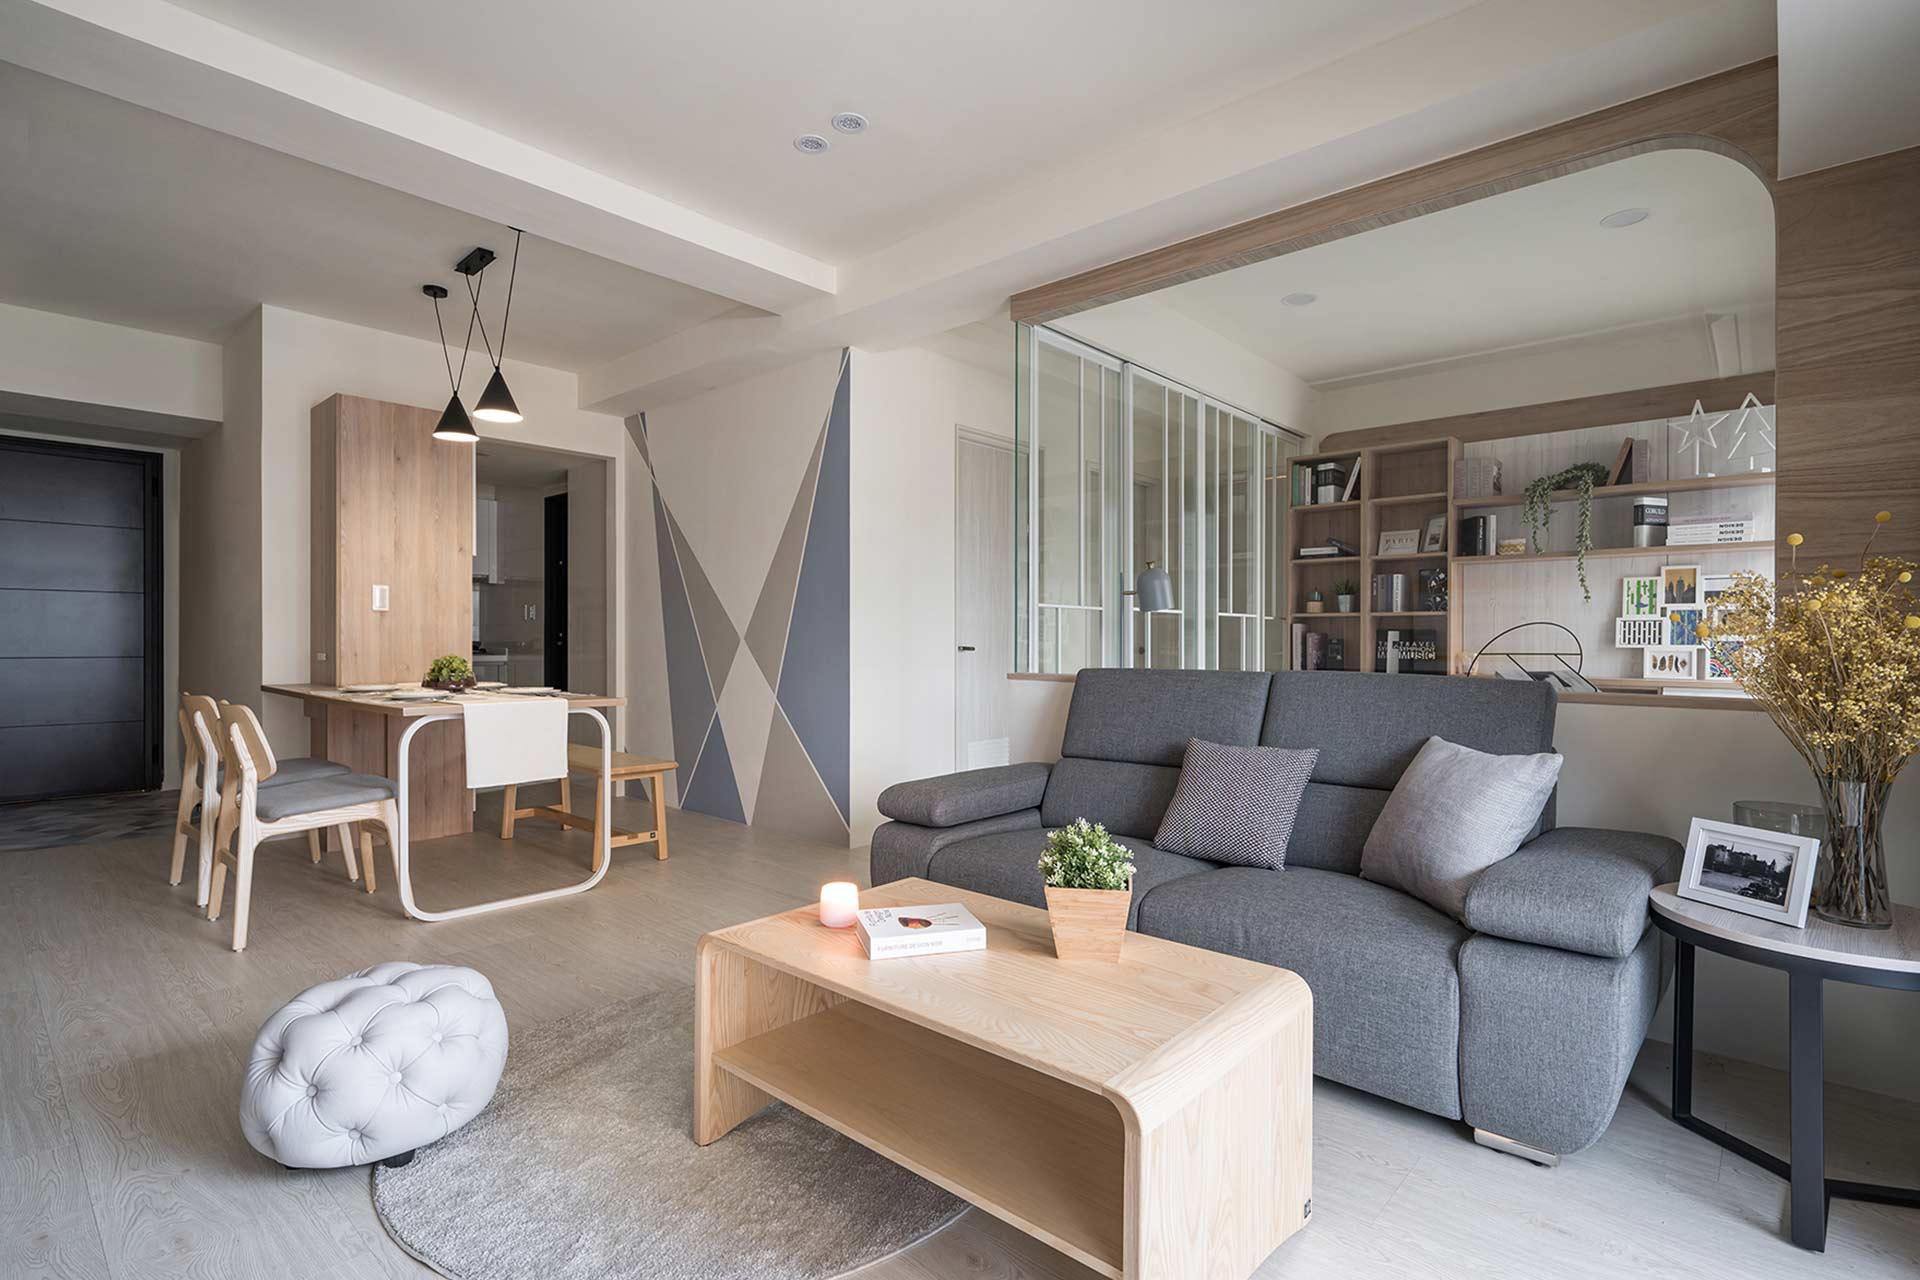 簡潔北歐風層次堆疊視覺開闊,室內設計案例